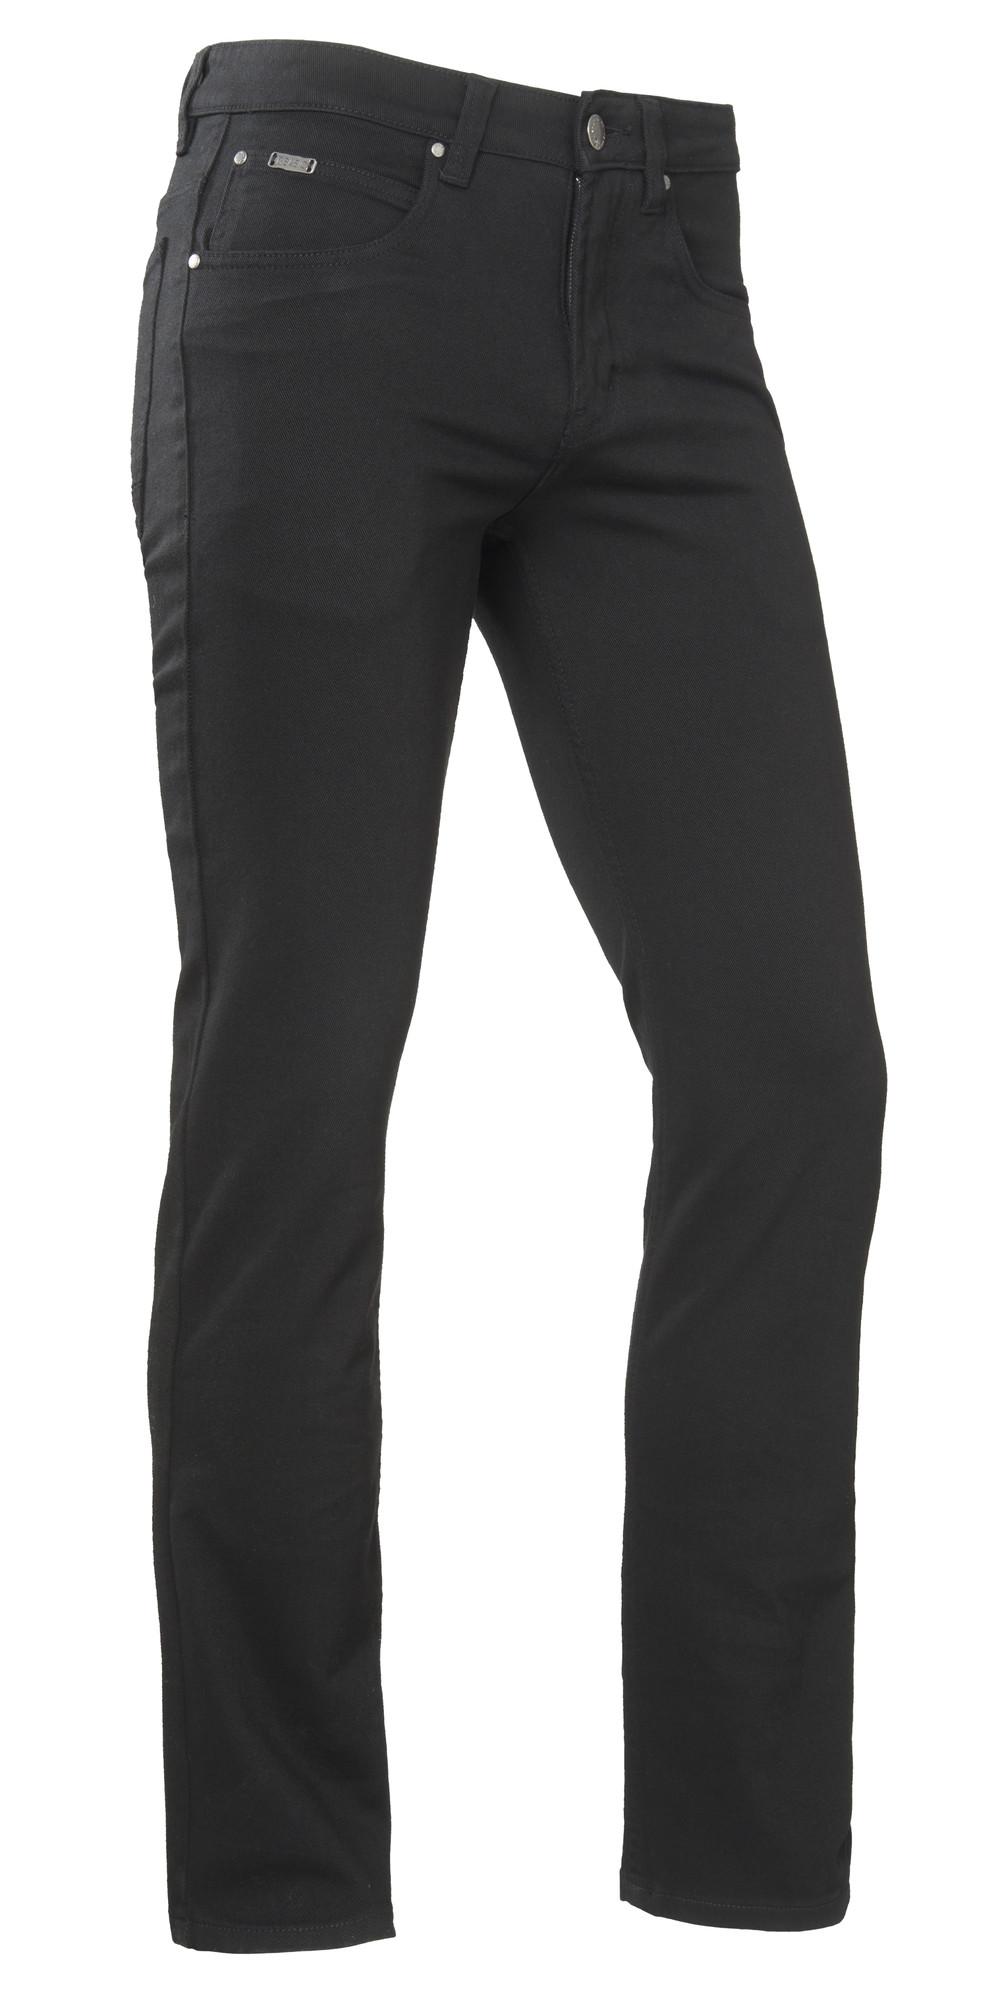 Brams Paris Danny Jeans Stretch (D51 Black Twill) W36-L32